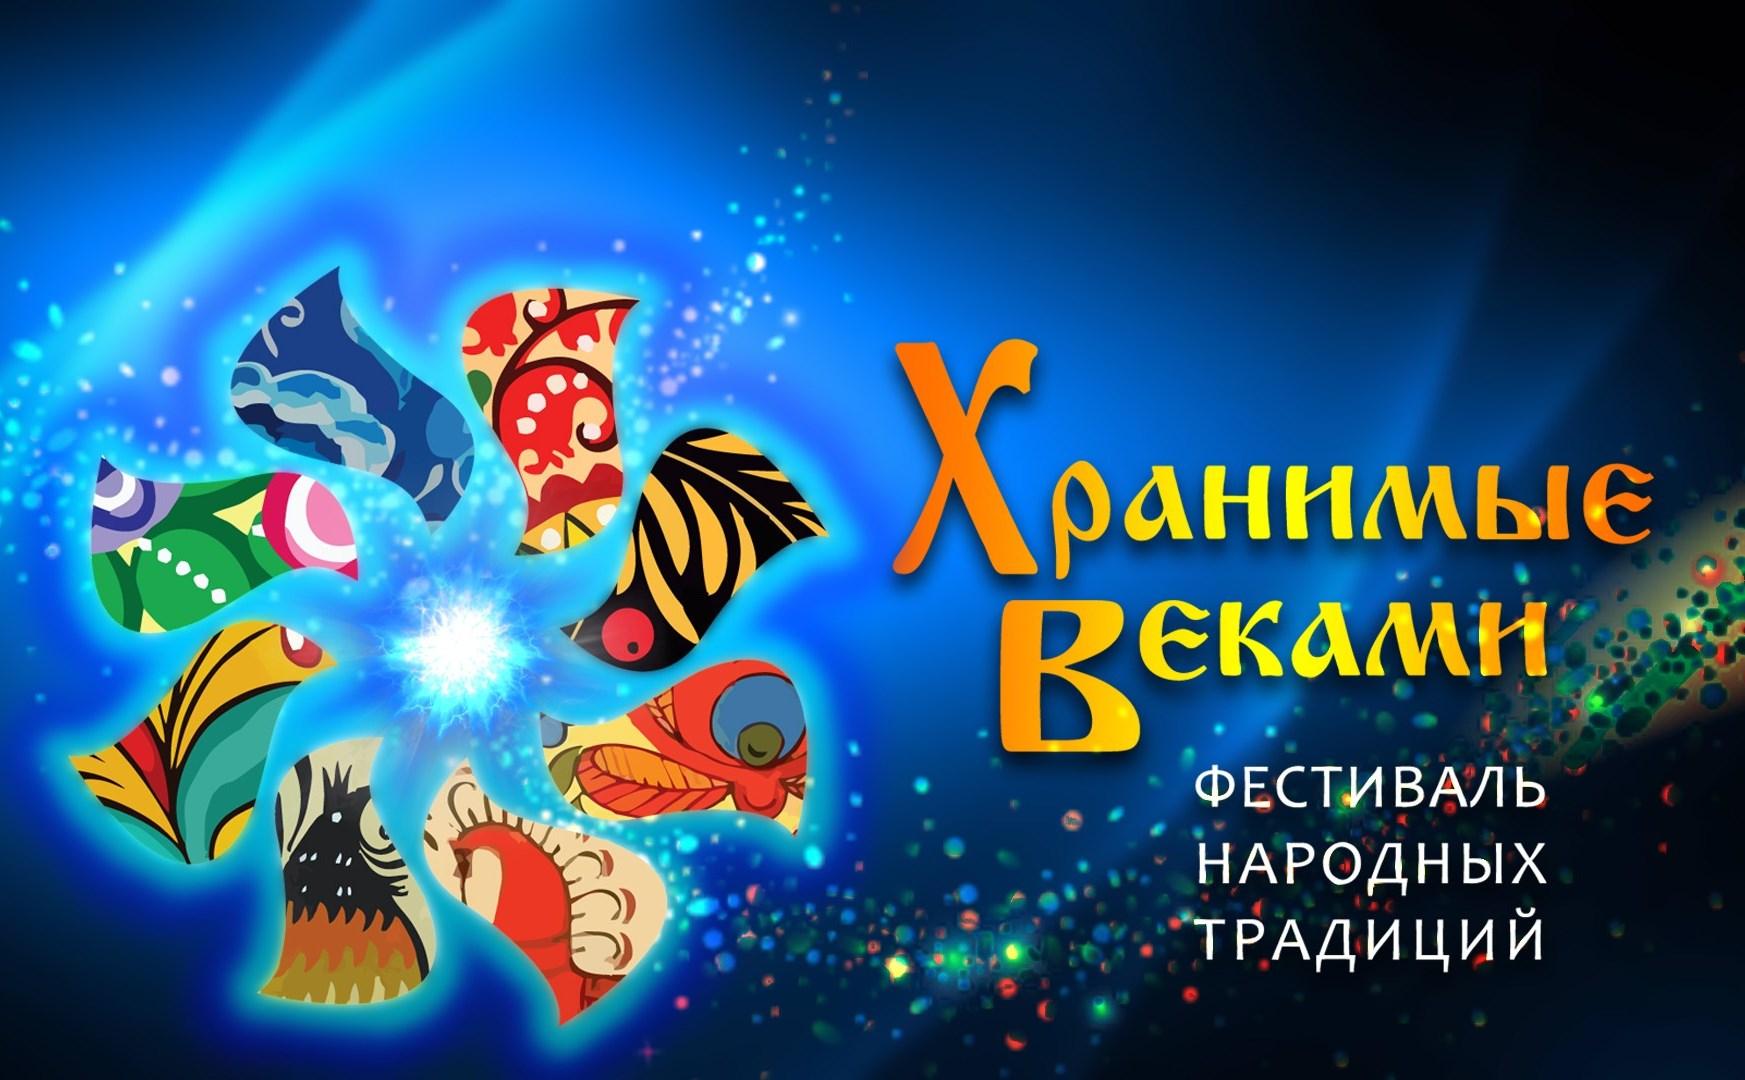 Пасхальный фестиваль народных традиций